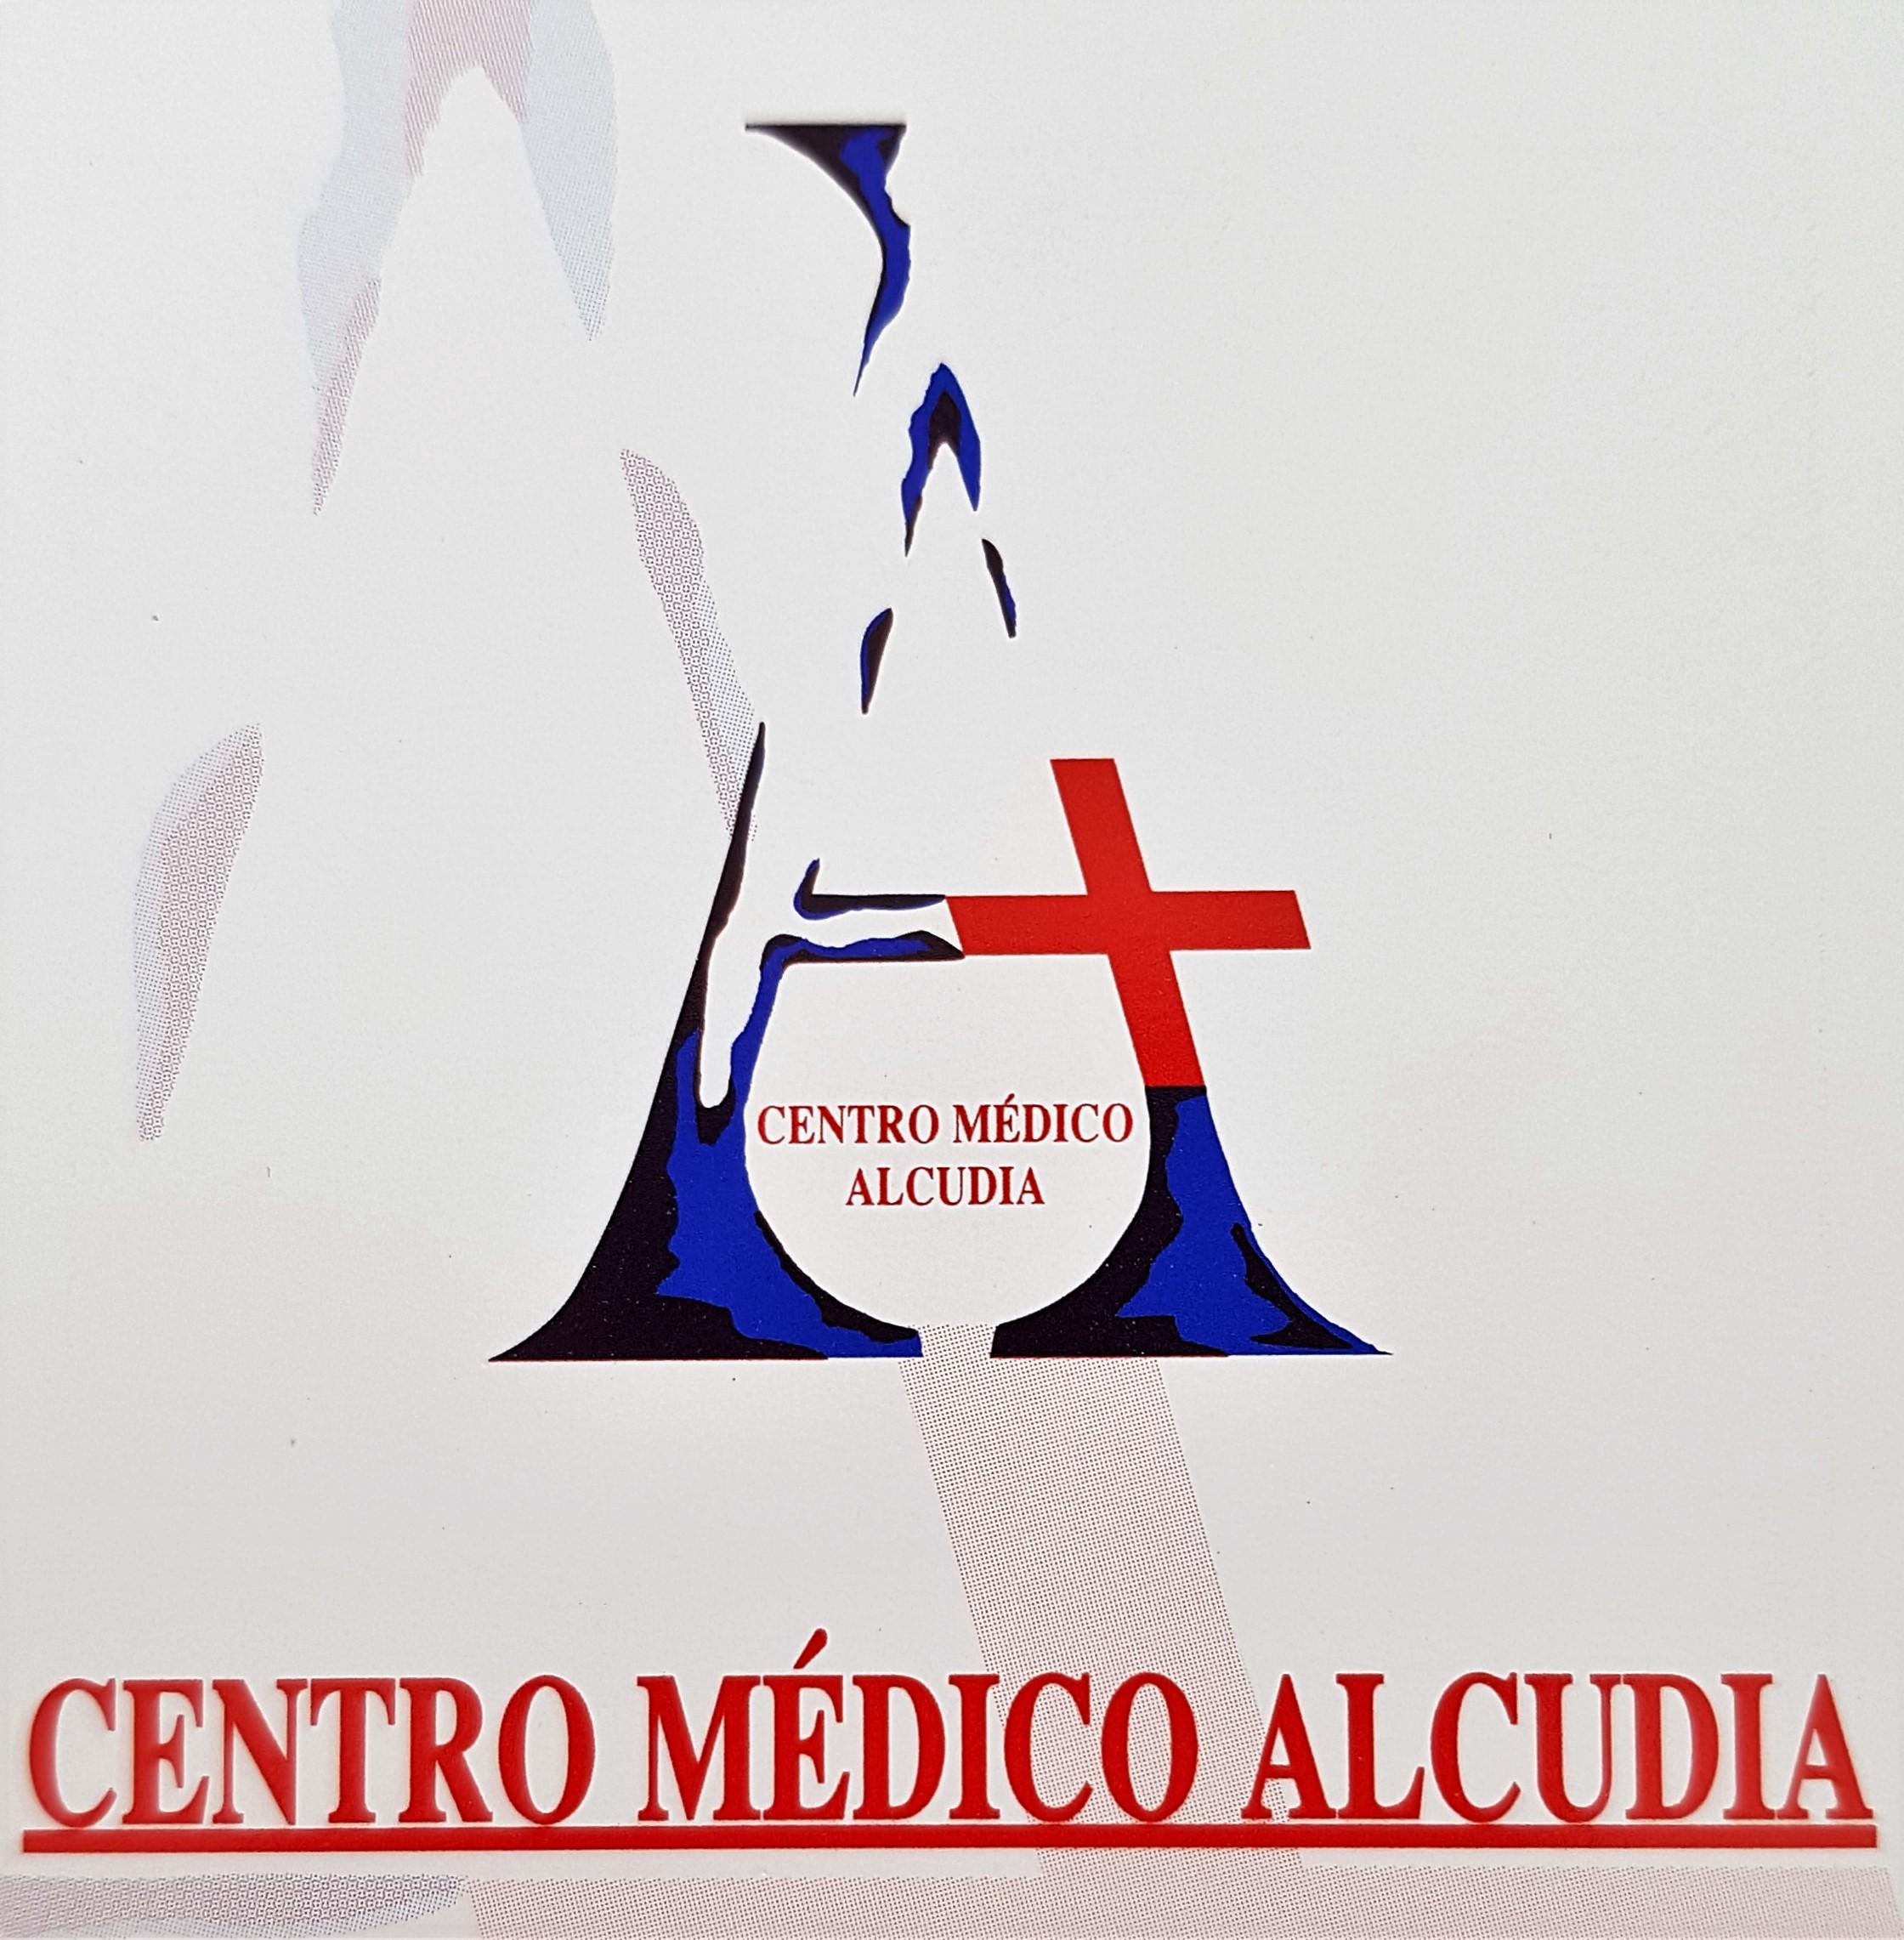 Centro Médico Alcúdia